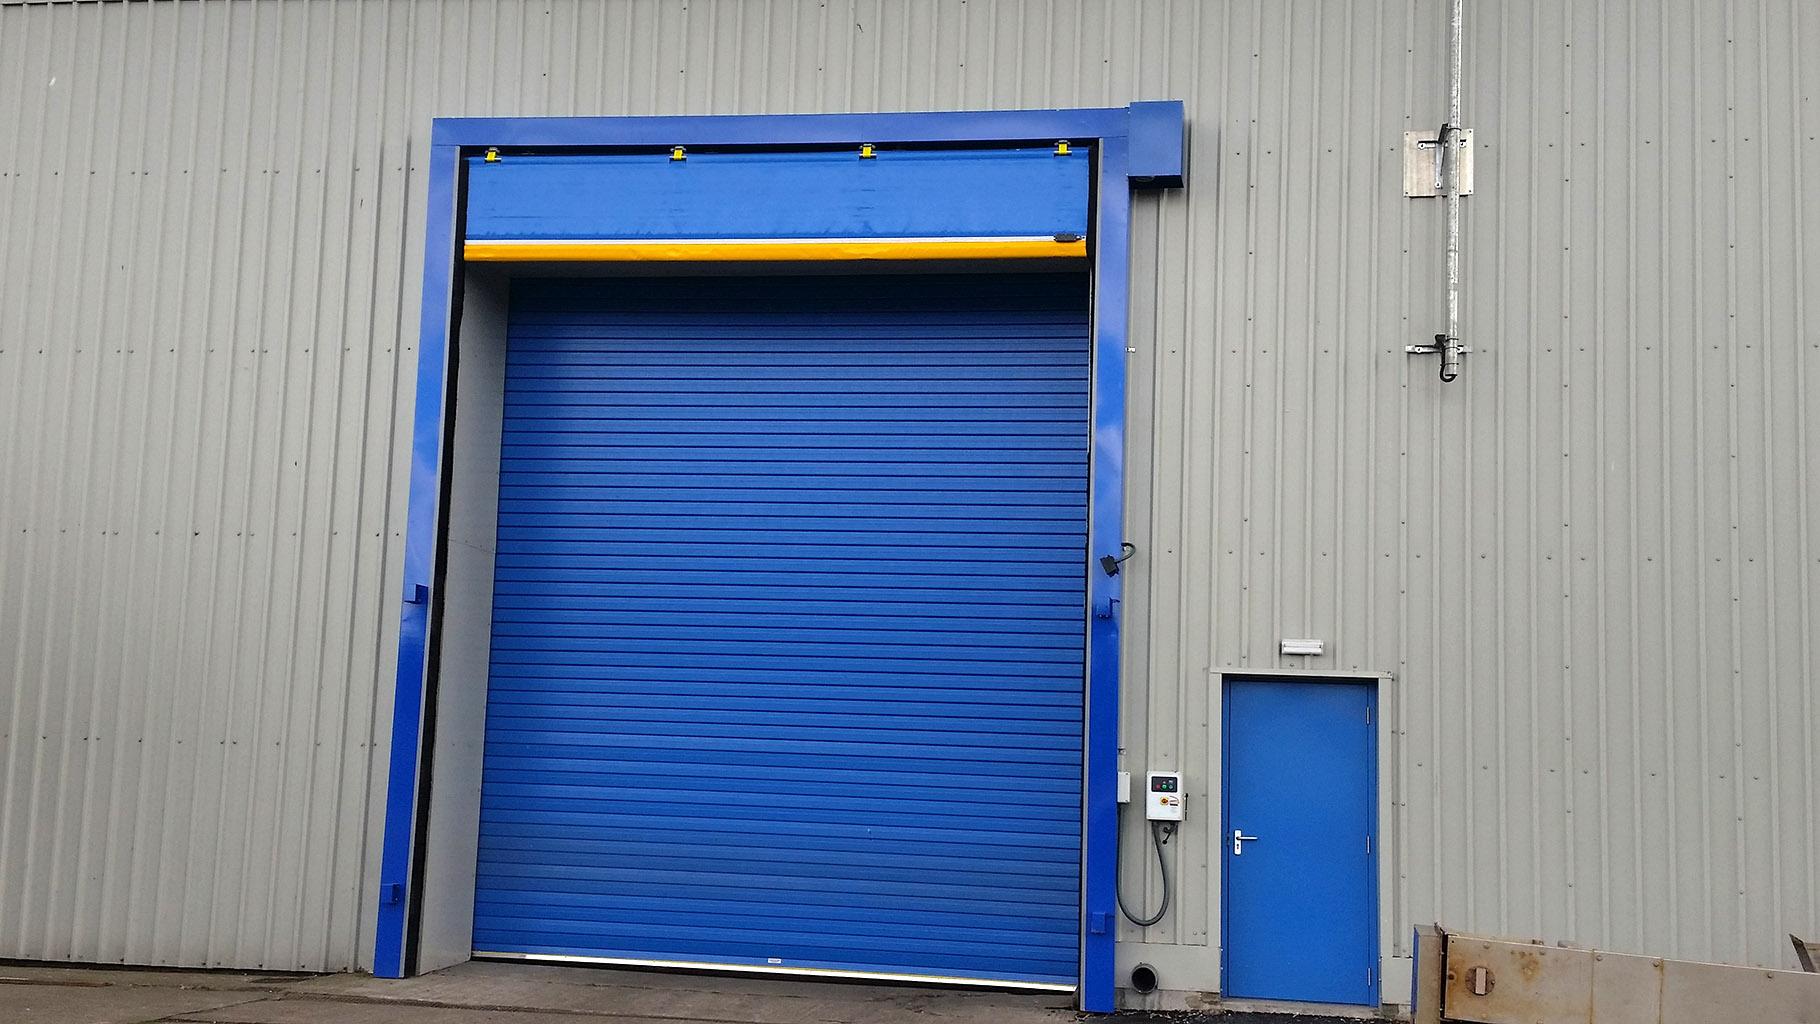 Insulated Highspeed Roller Shutter Industrial Door